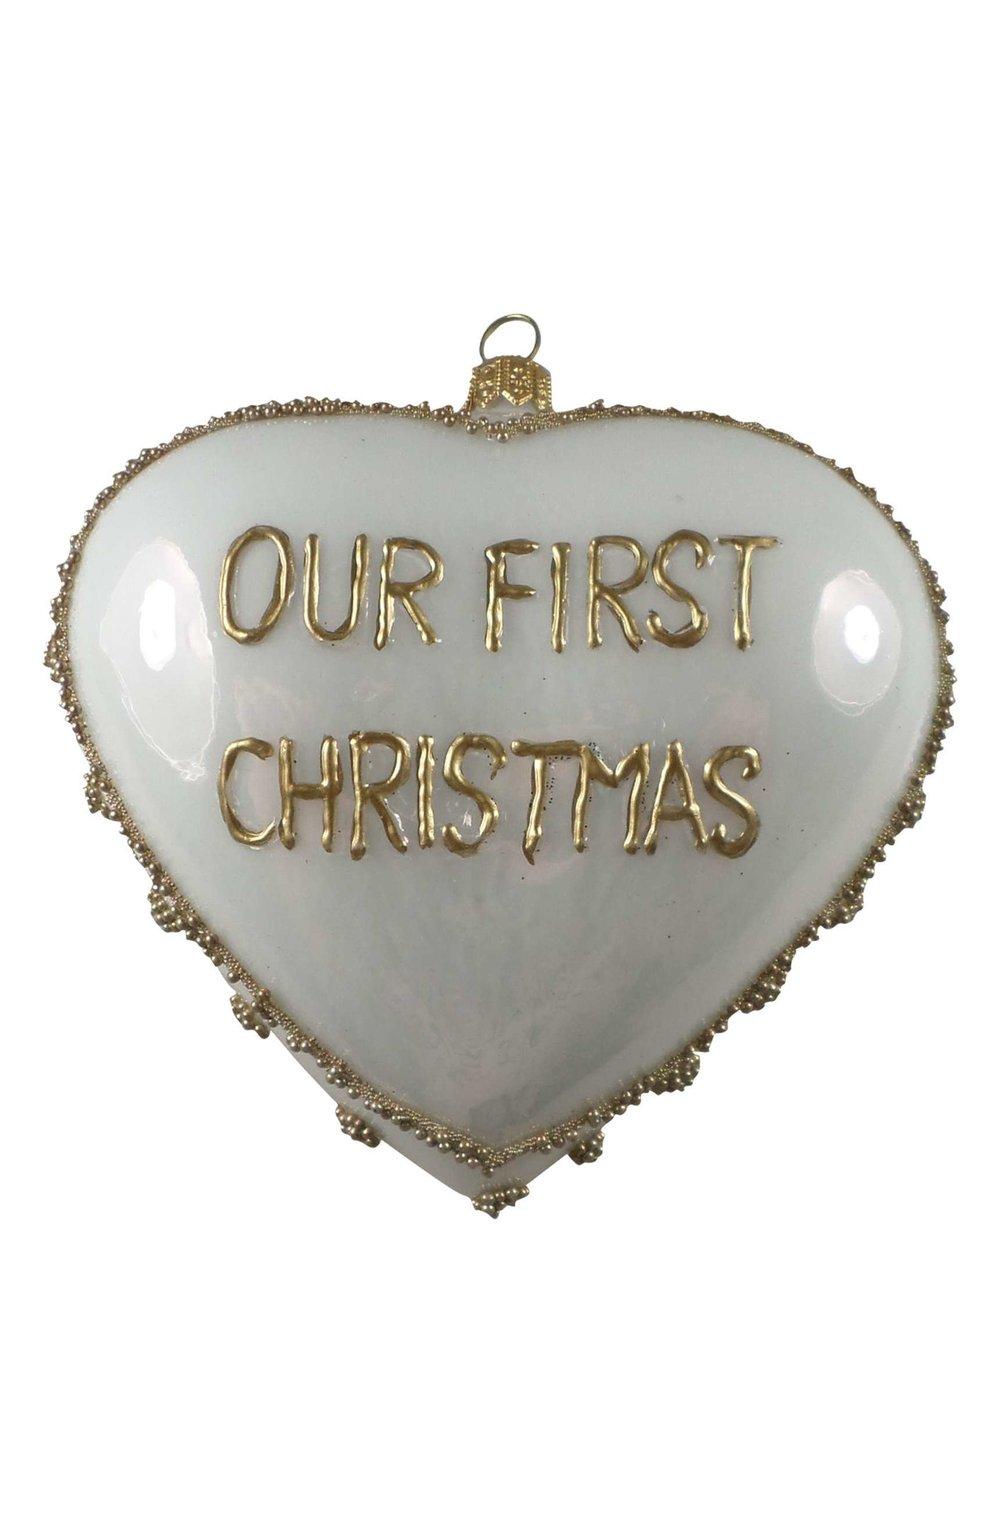 ourfirstchristmas.jpg